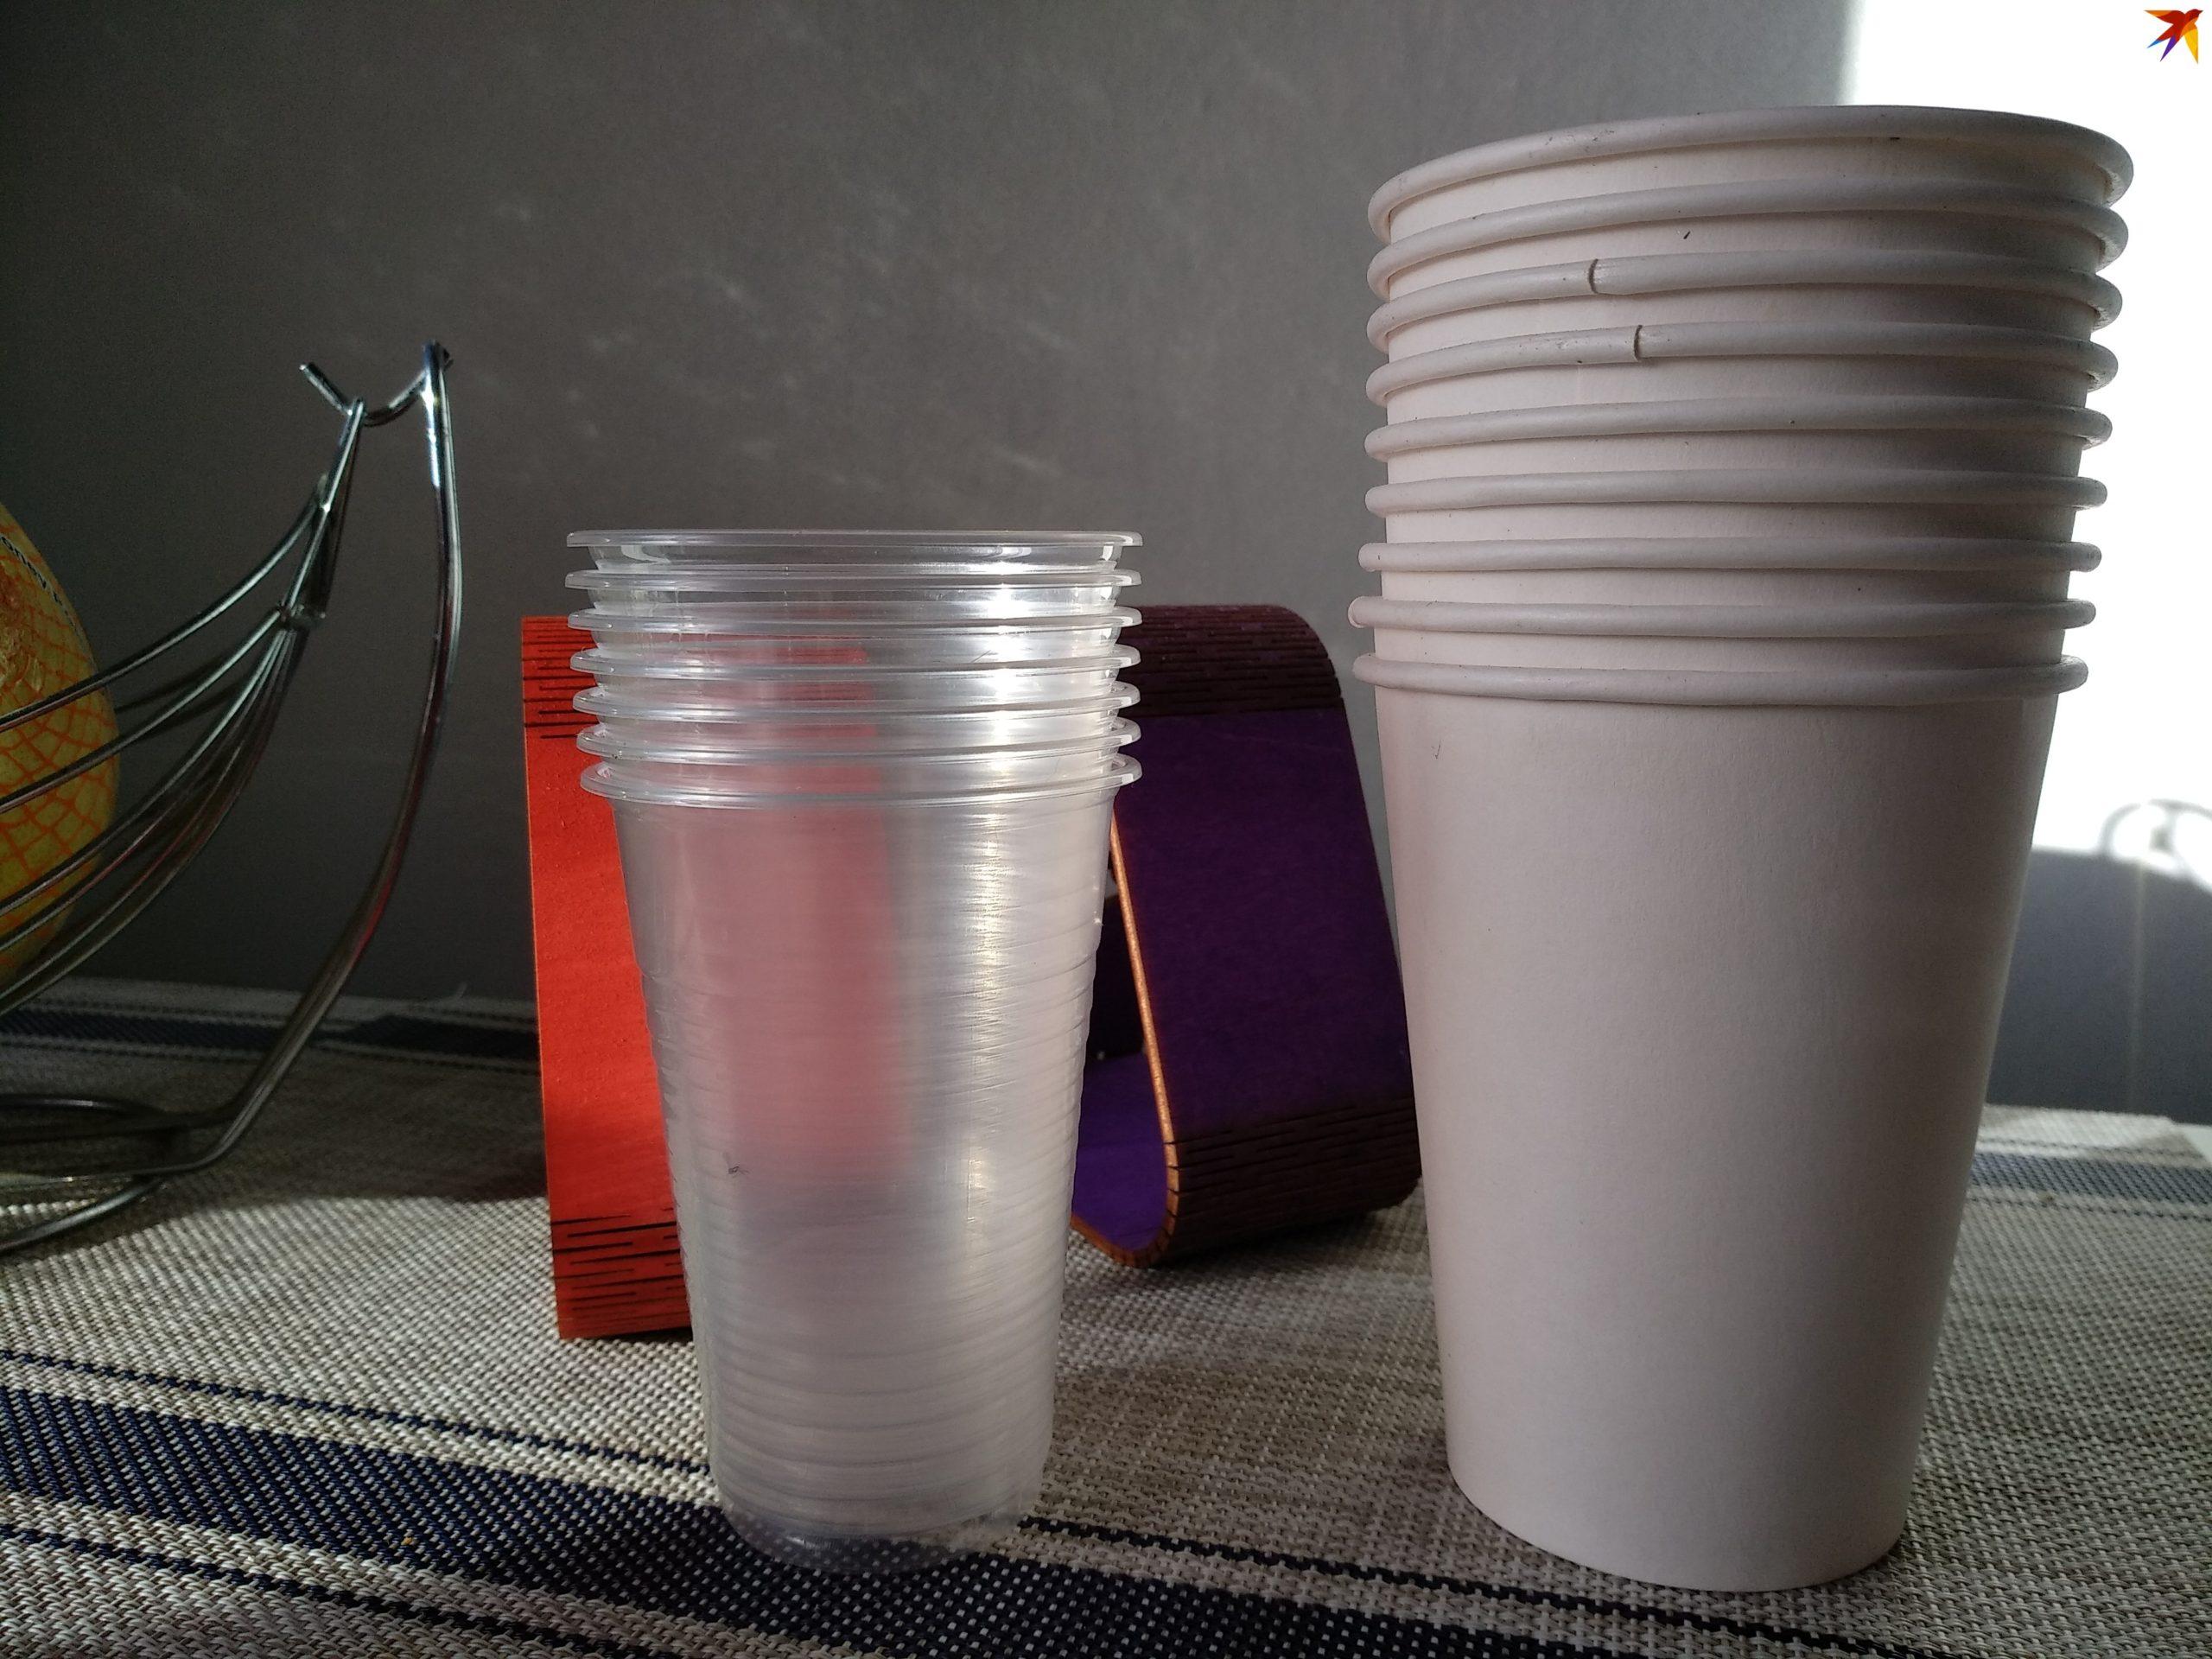 МАРТ увеличил количество пластика в общепите